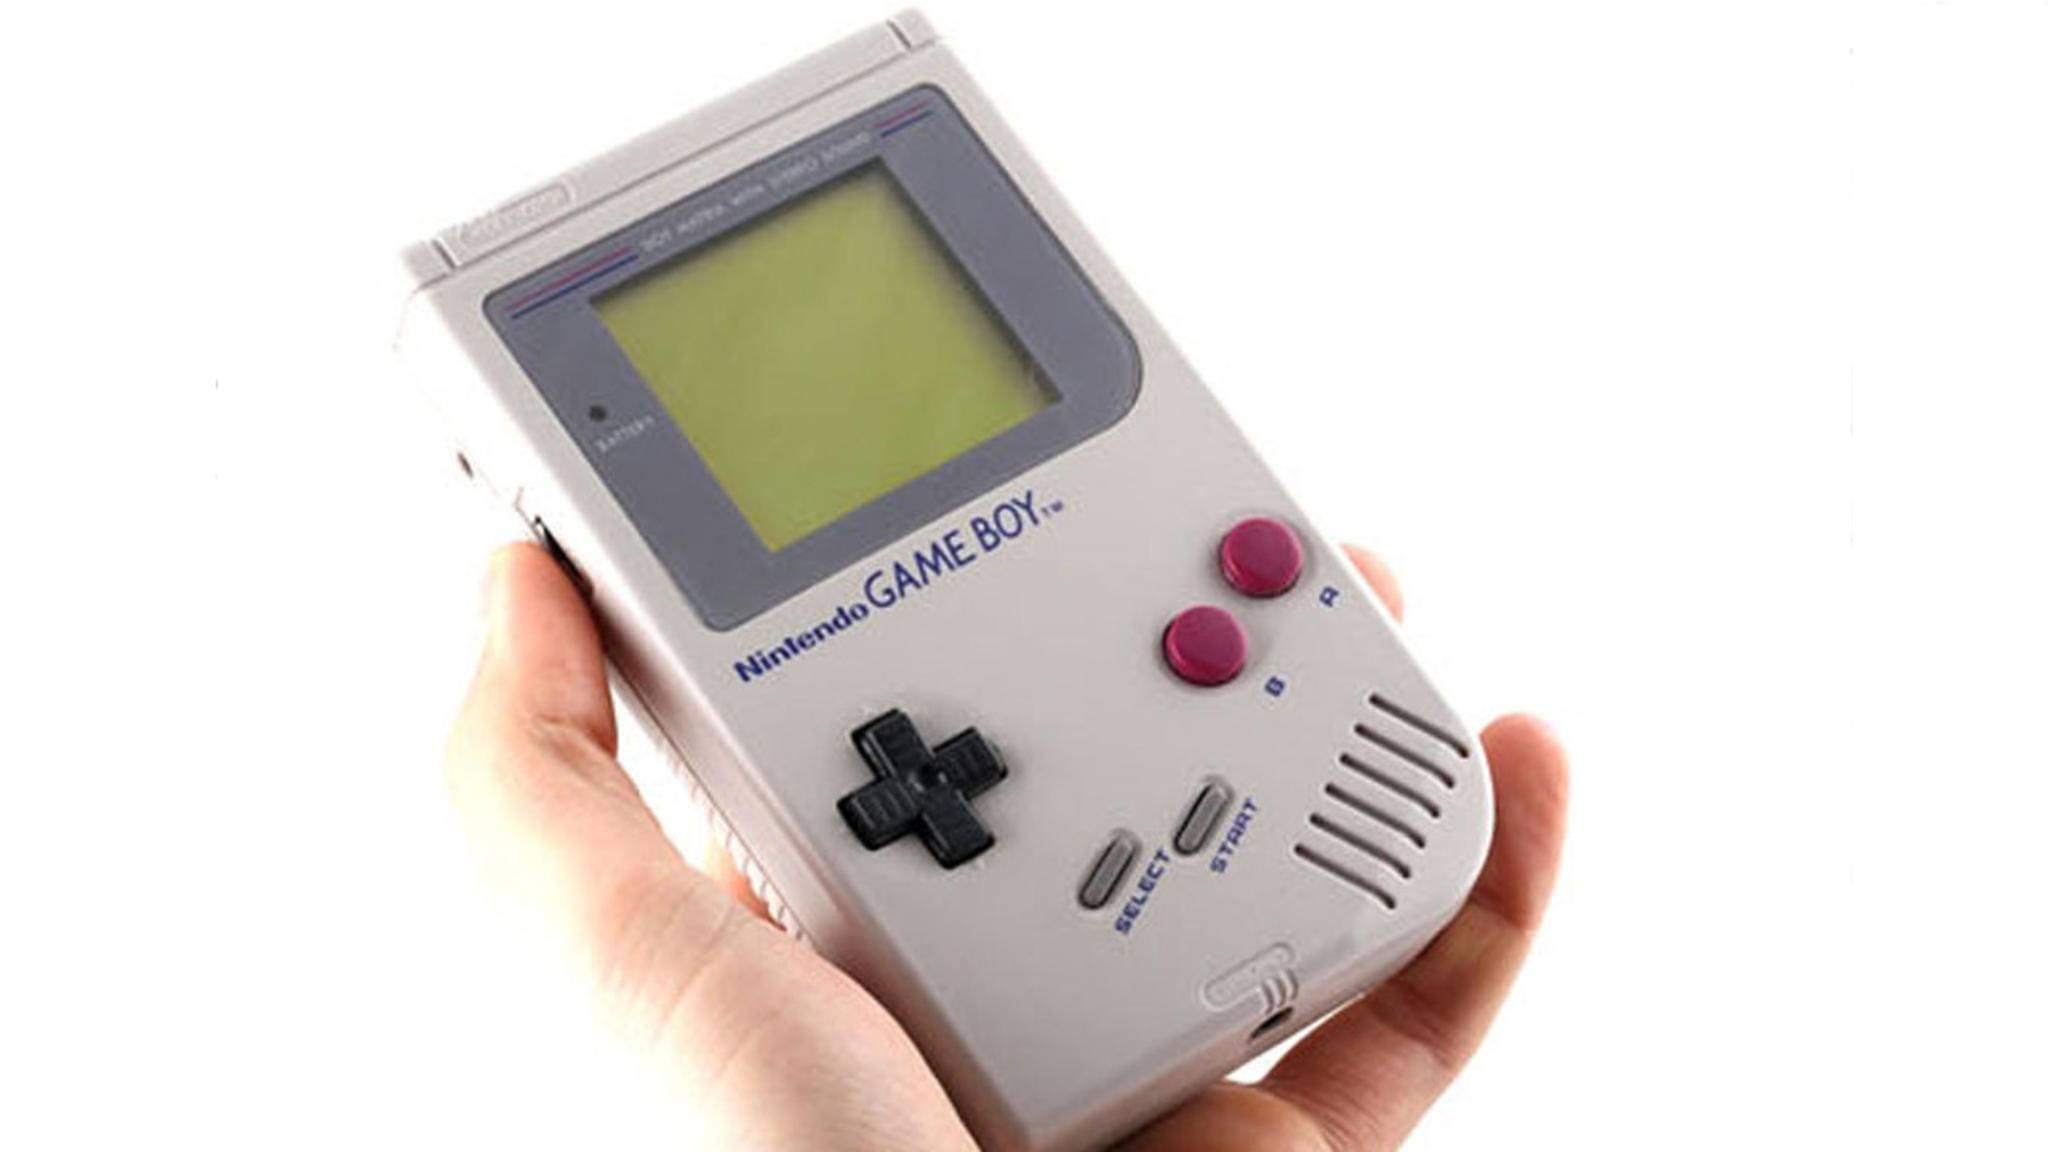 Der Game Boy Classic verfügte über keine Display-Beleuchtung.